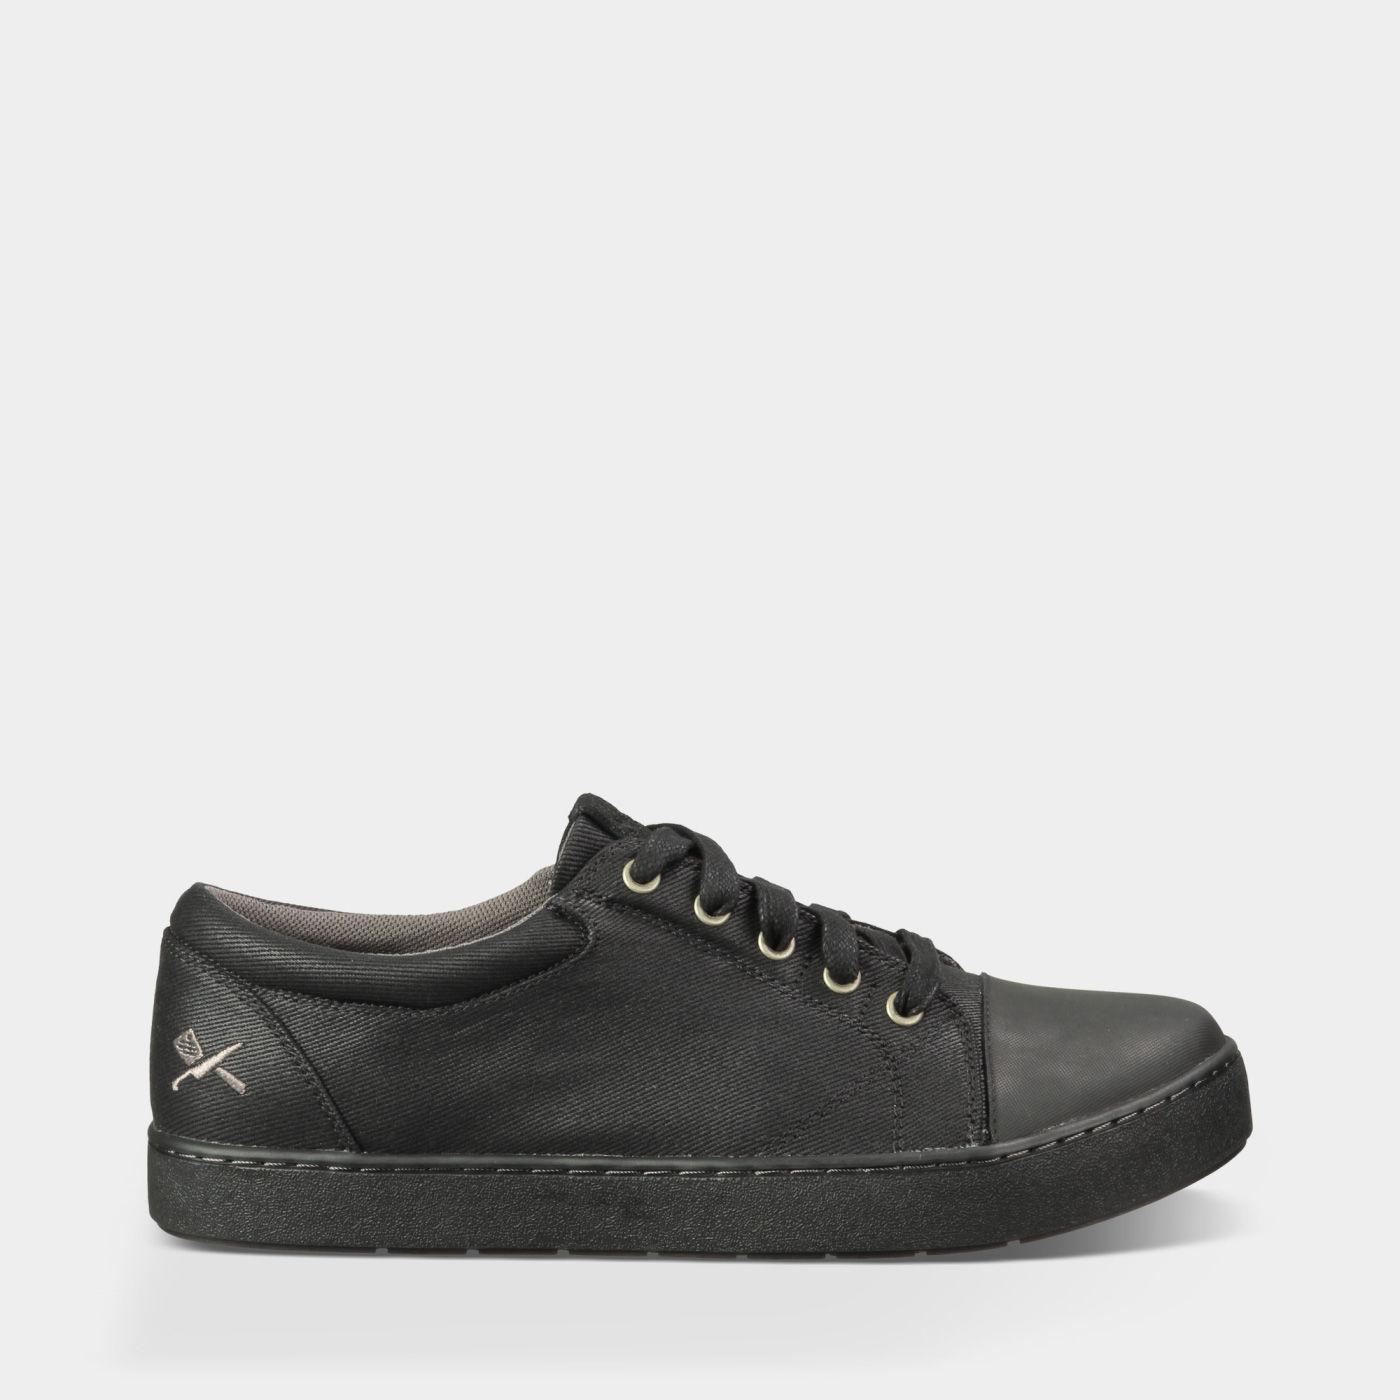 mozo 3839 7 5 s maverick canvas shoes w gel insoles